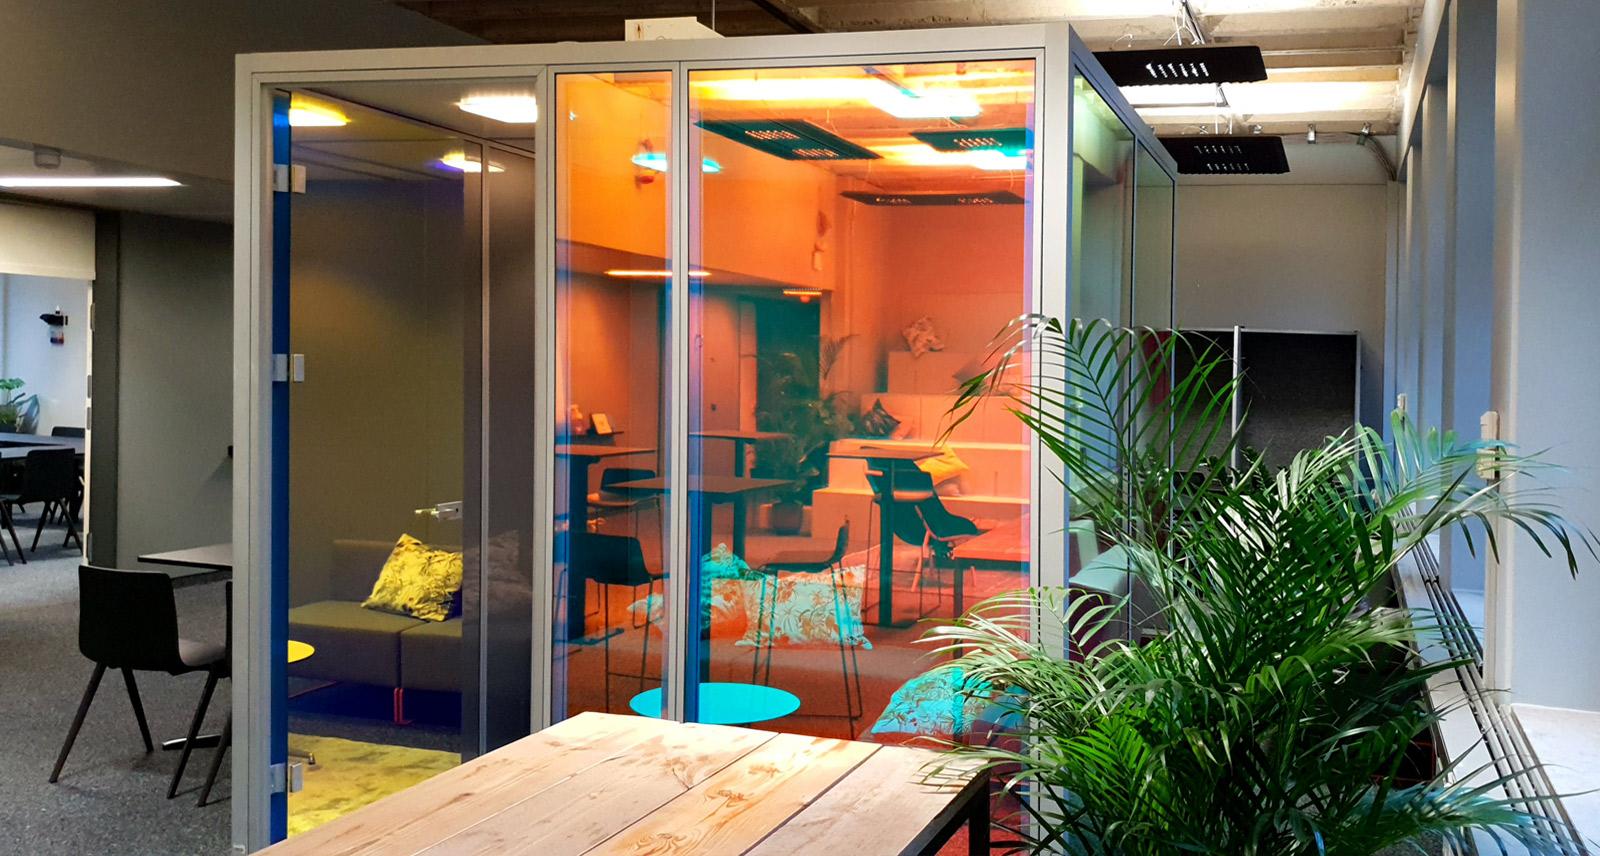 Fabenspiel dichroitischer Folie auf mehreren Glasscheiben in Büroräumen